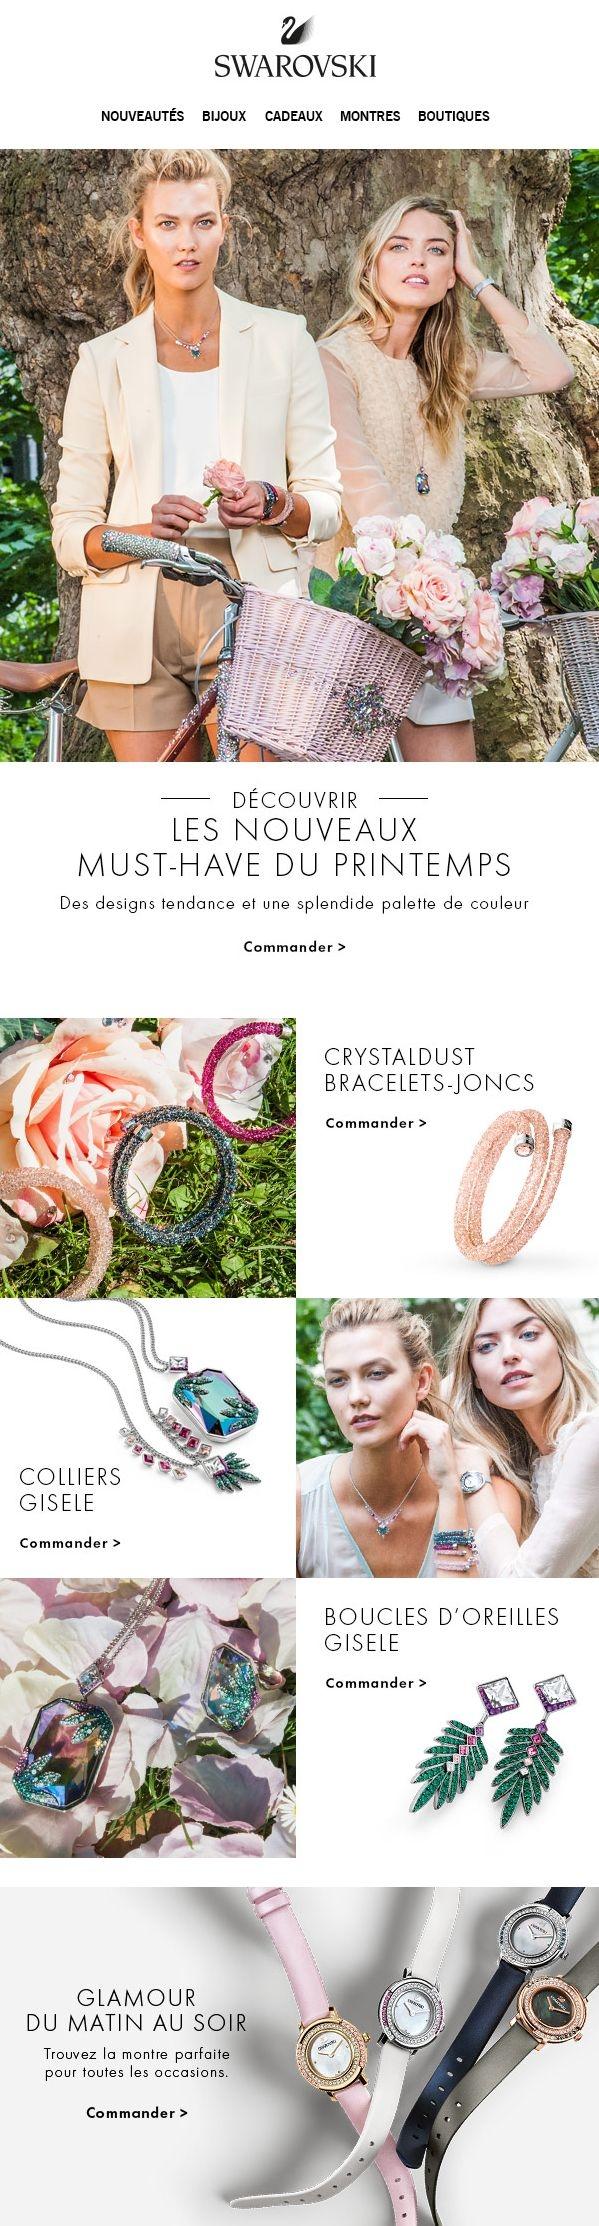 De Nouvelles Pièces Qui Feront Briller Toutes Les Femmes Promotions Rabais